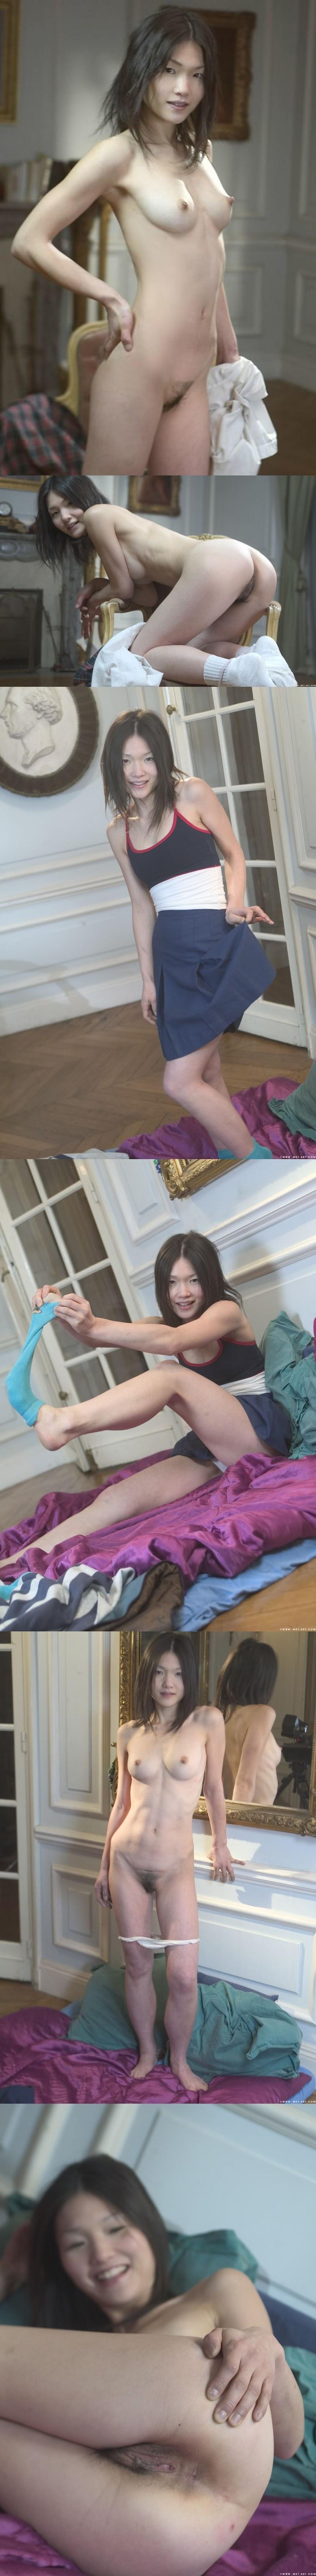 Met-Art MA 20080712 - Jenya D Katie Fey - Umida - by Alexander VoroninReal Street Angels